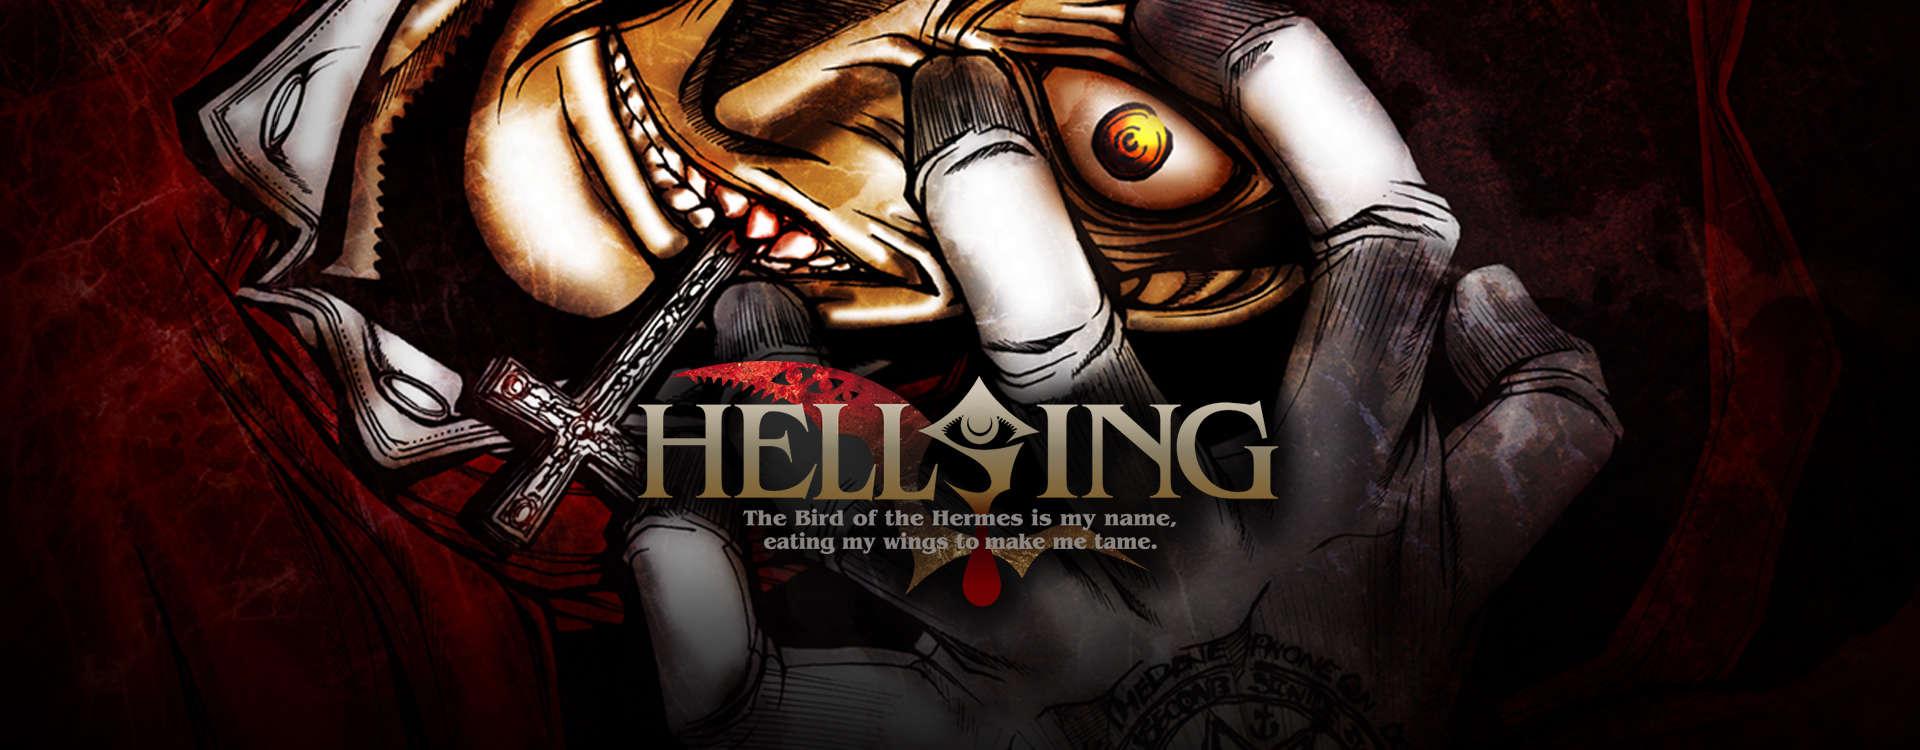 hellsing stream